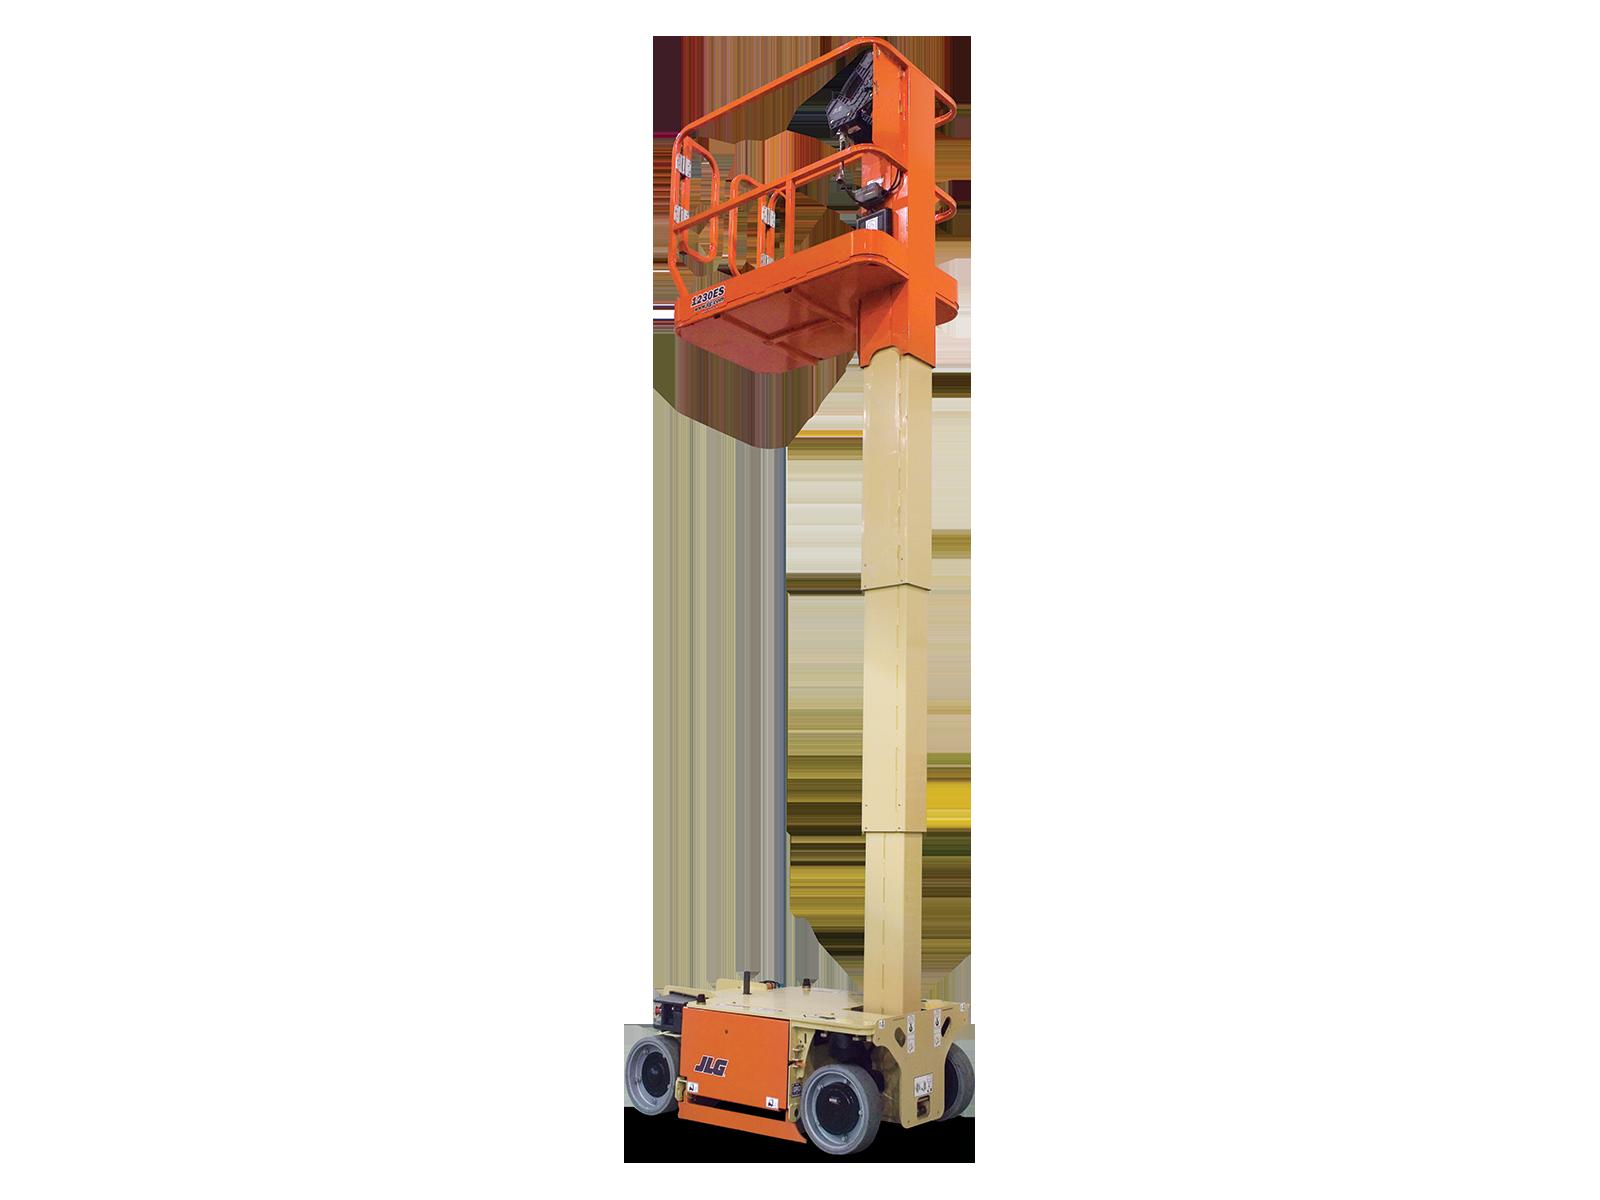 Jlg 20mvl Wiring Schematics Diagram Posts Cm2023 1230es Vertical Mast Lift 20